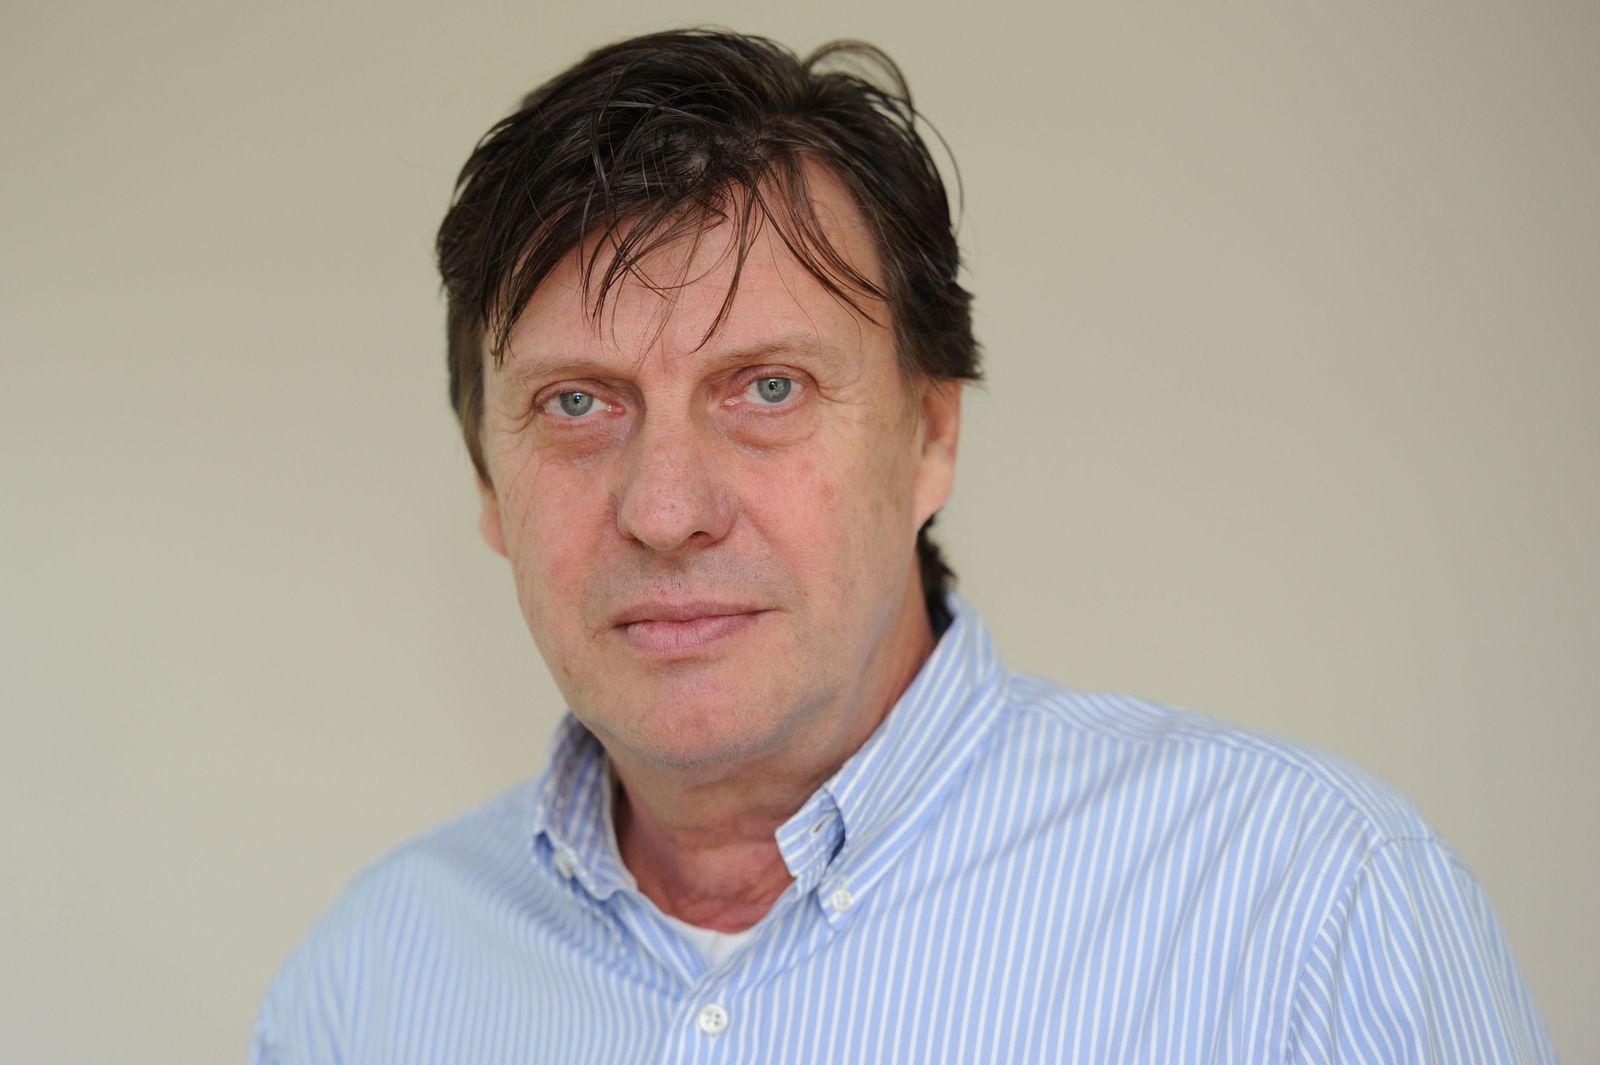 Jörg Schleyer